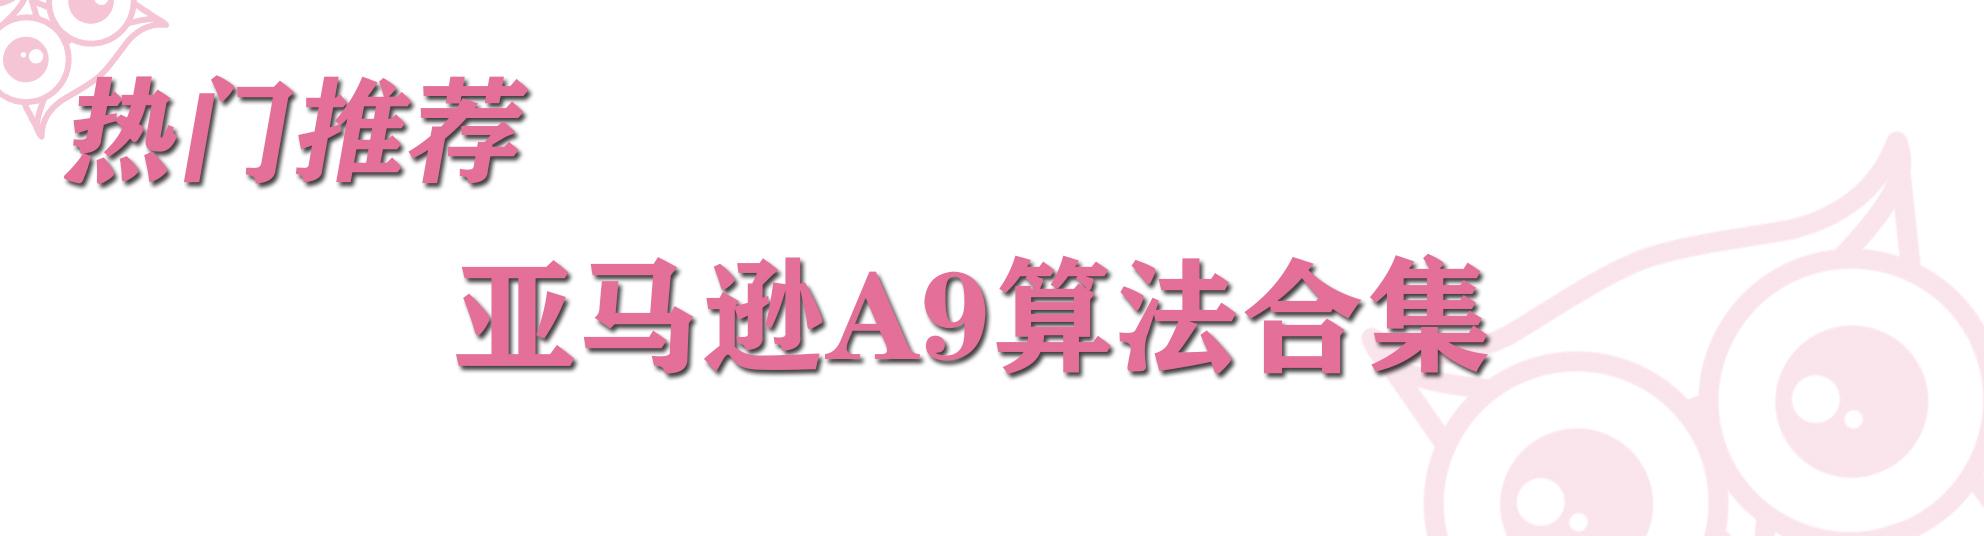 亚马逊A9算法合集.jpg